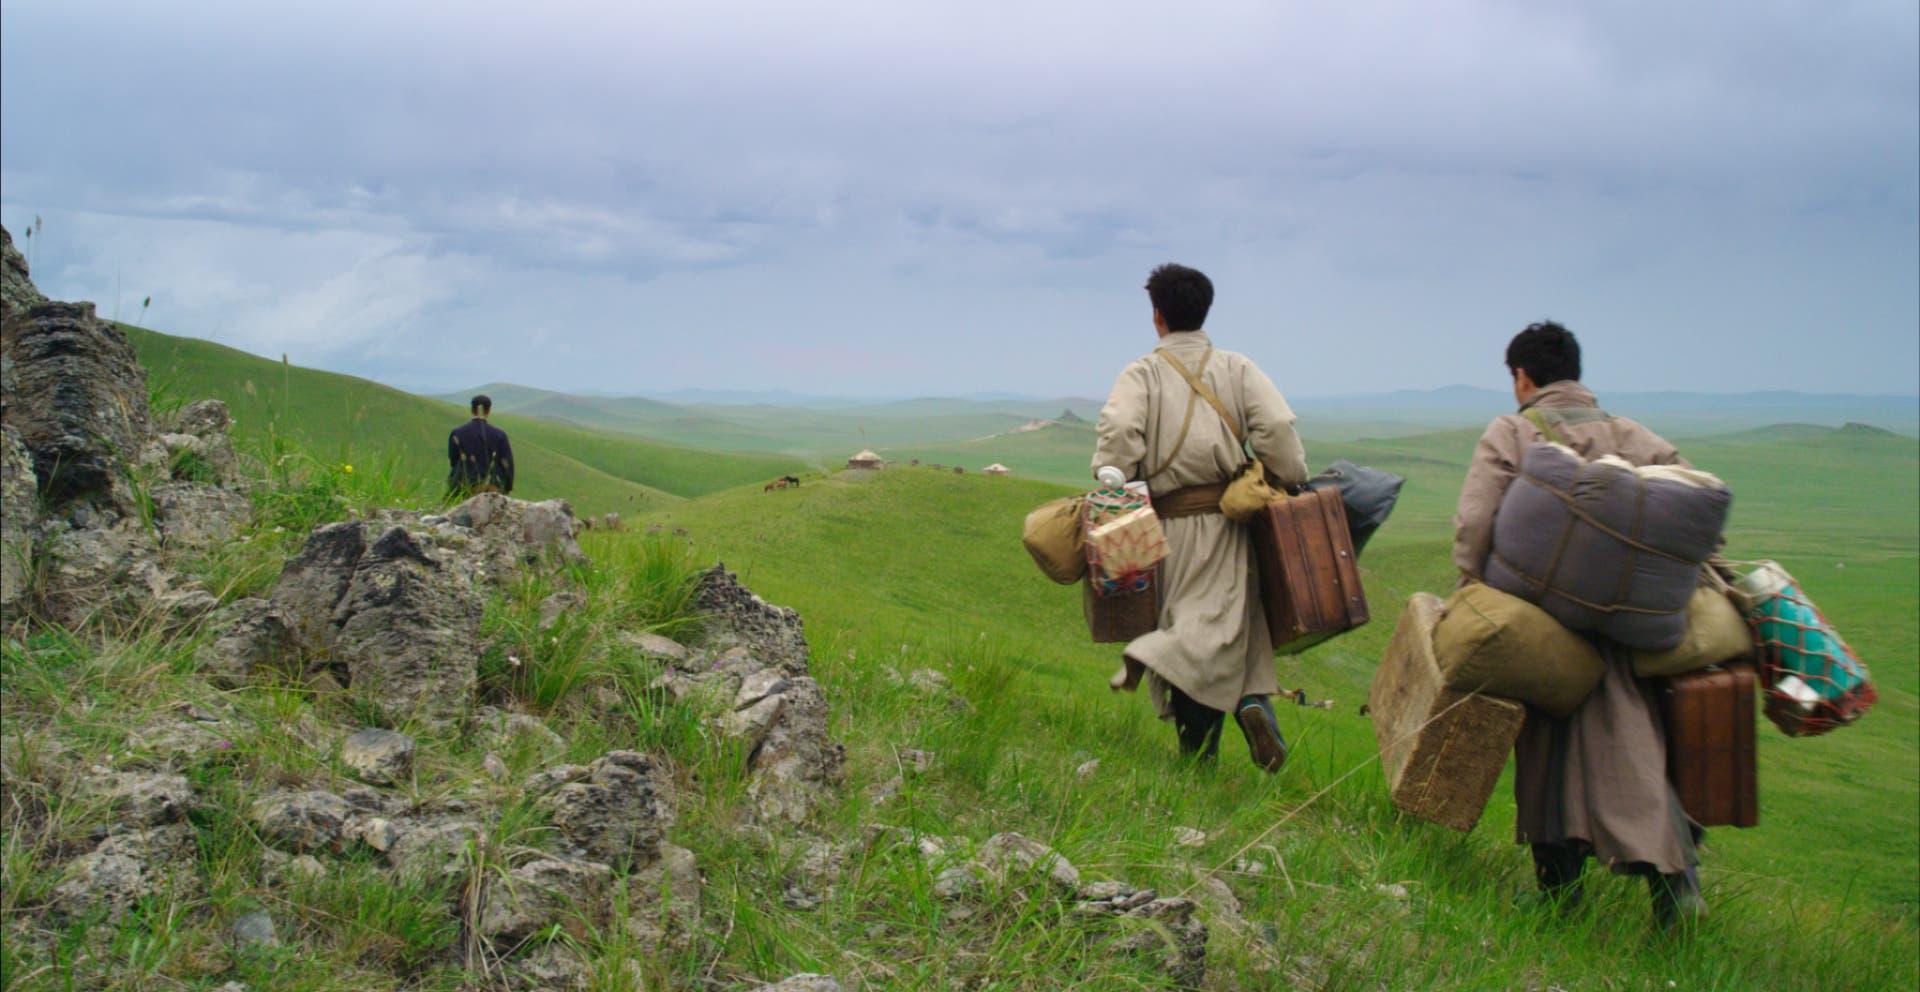 رحلة في البراري المنغولية